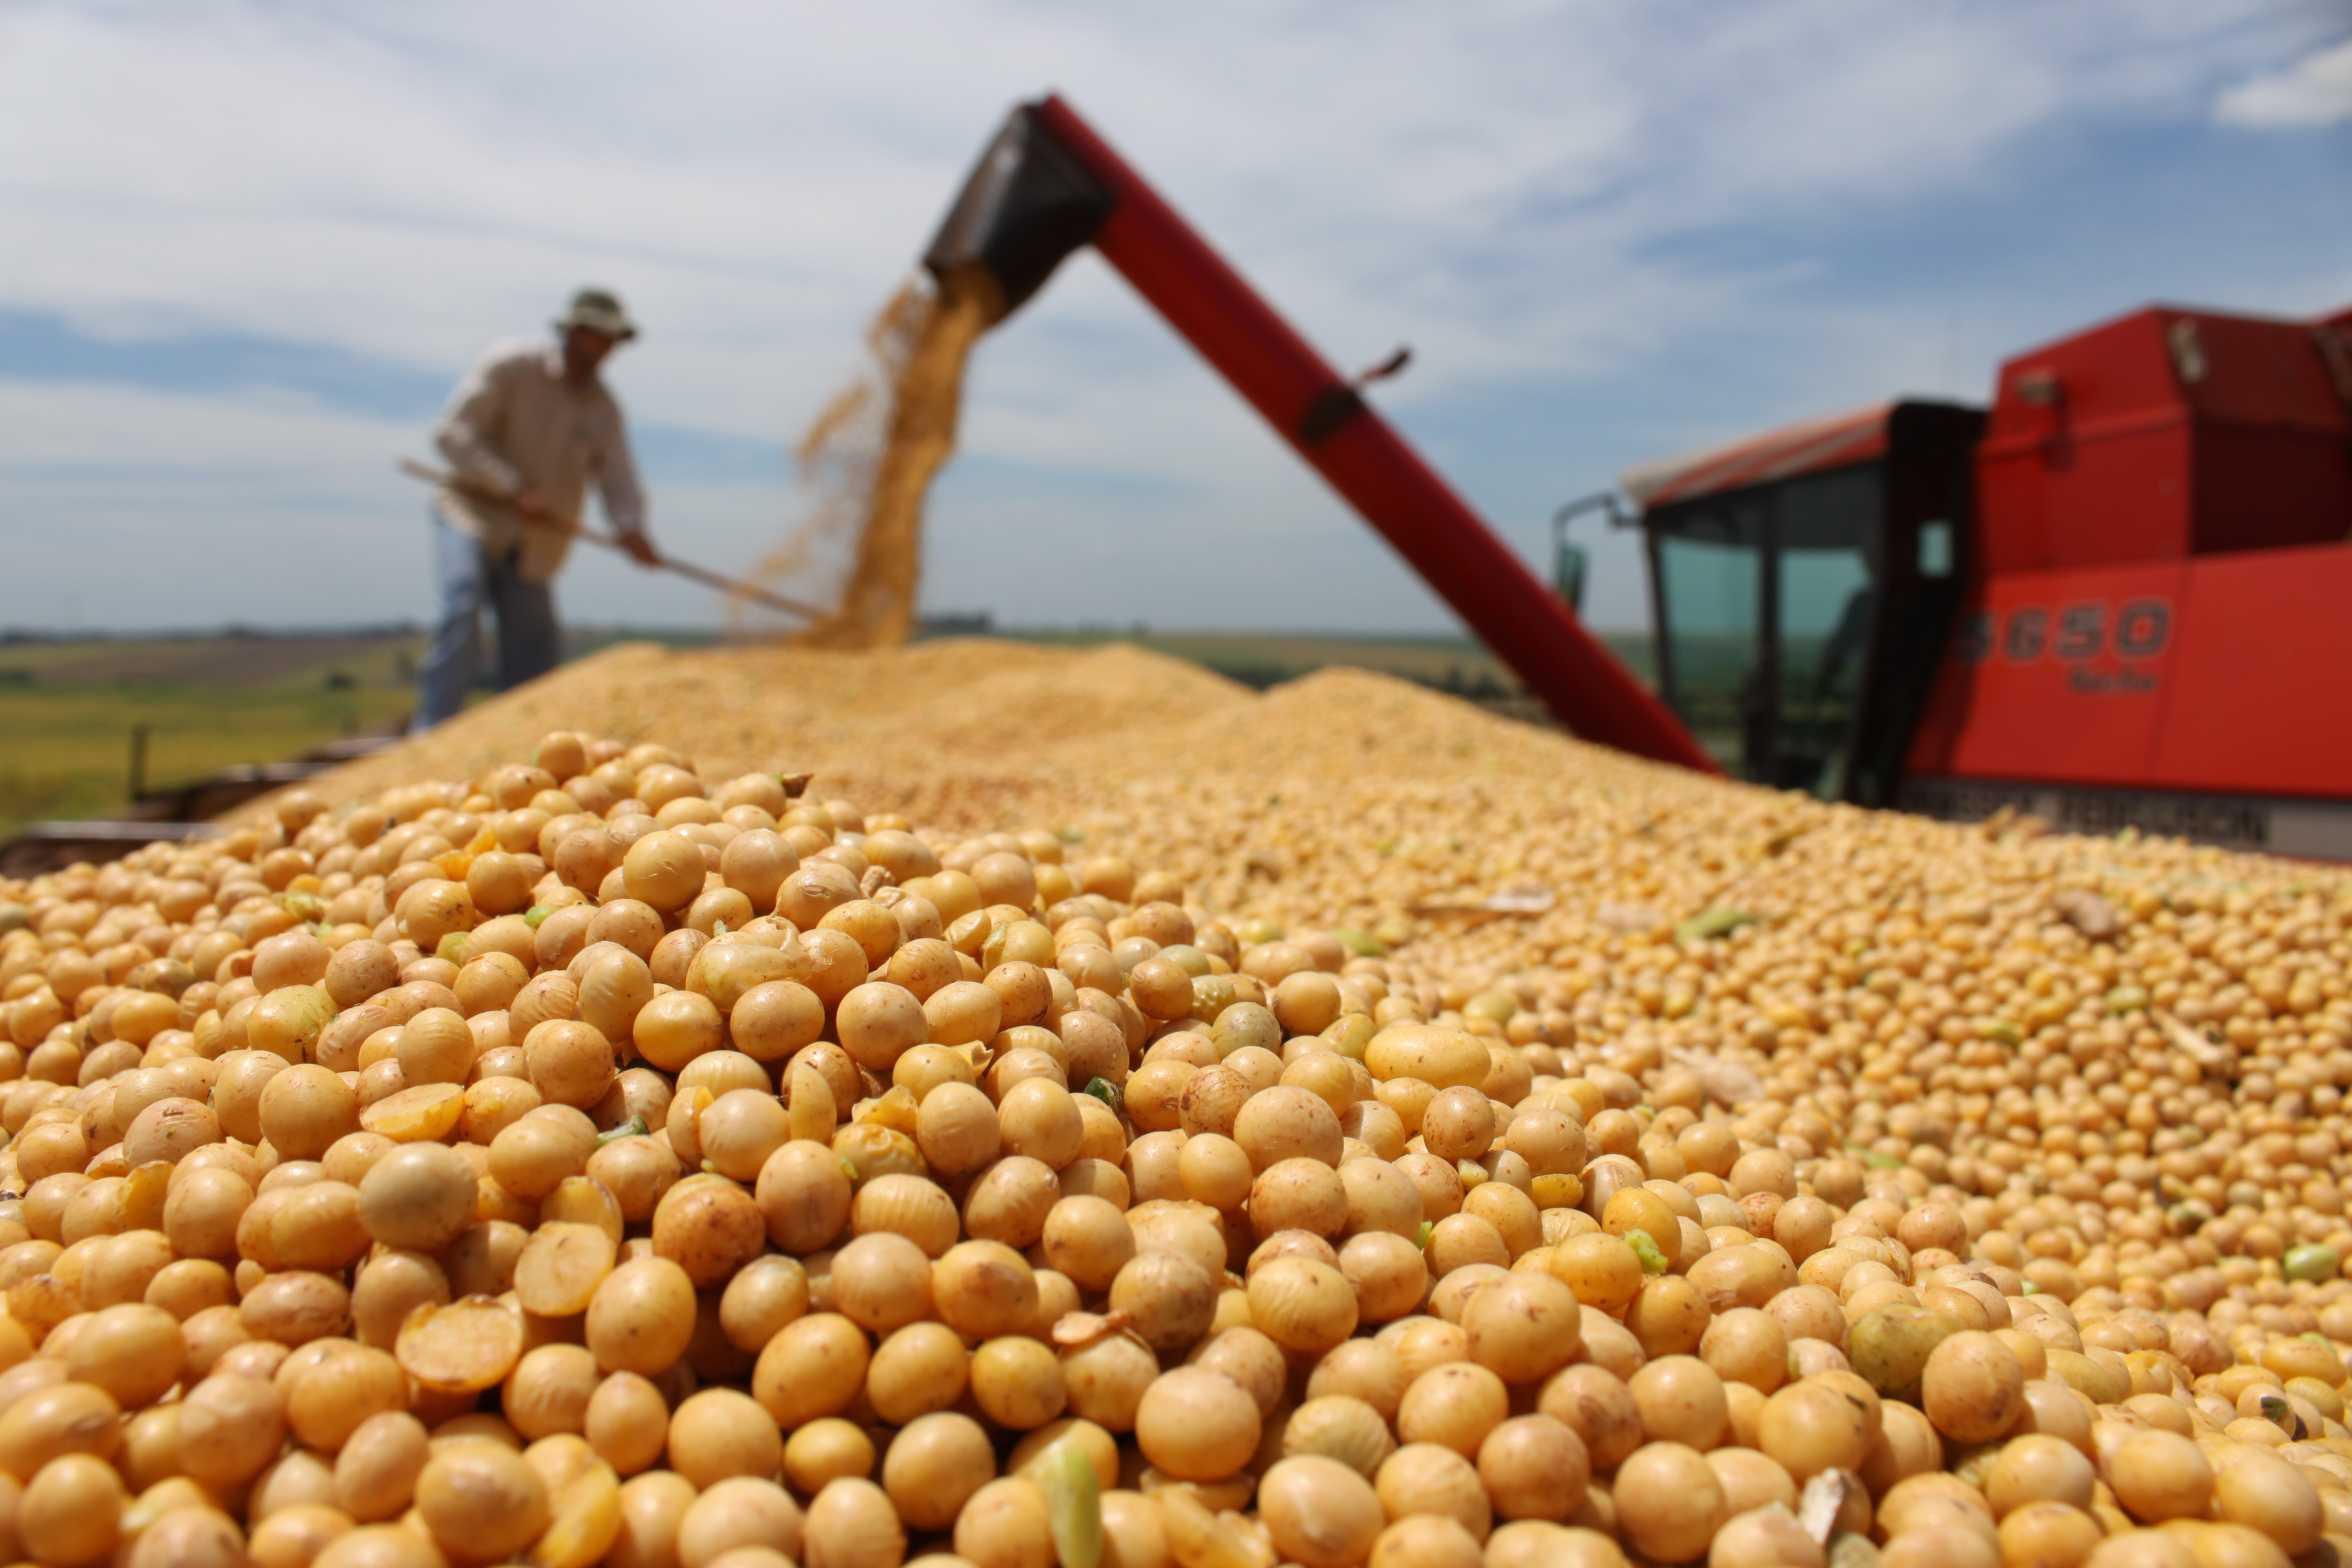 Eliminación de la tasa de importación para la soja